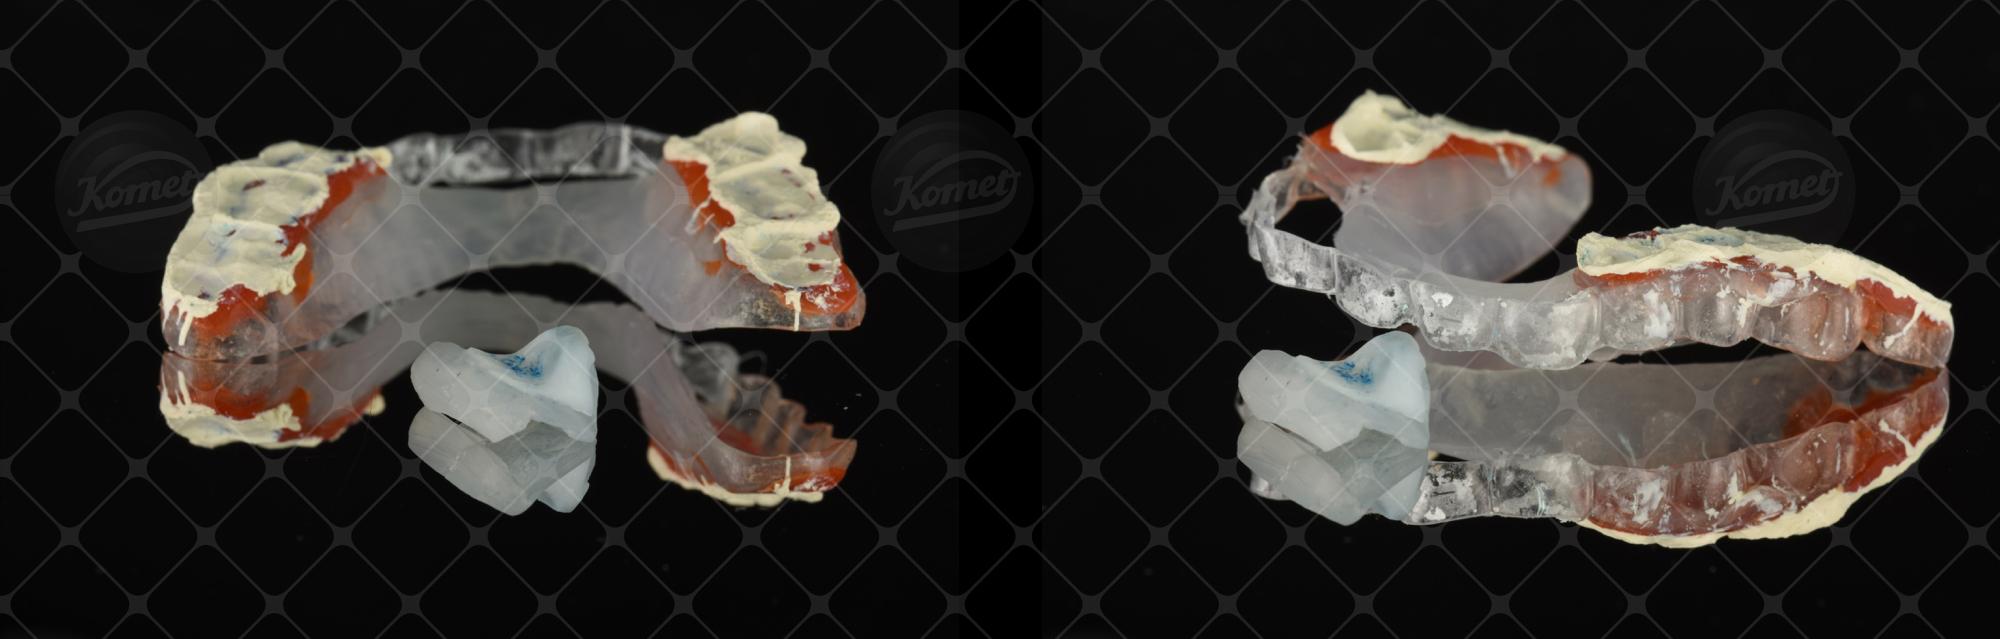 Fig. 4 Utilizzo di una pasta all'ossido di zinco-eugenolo per ribasare il dispositivo di rialzo posteriore.